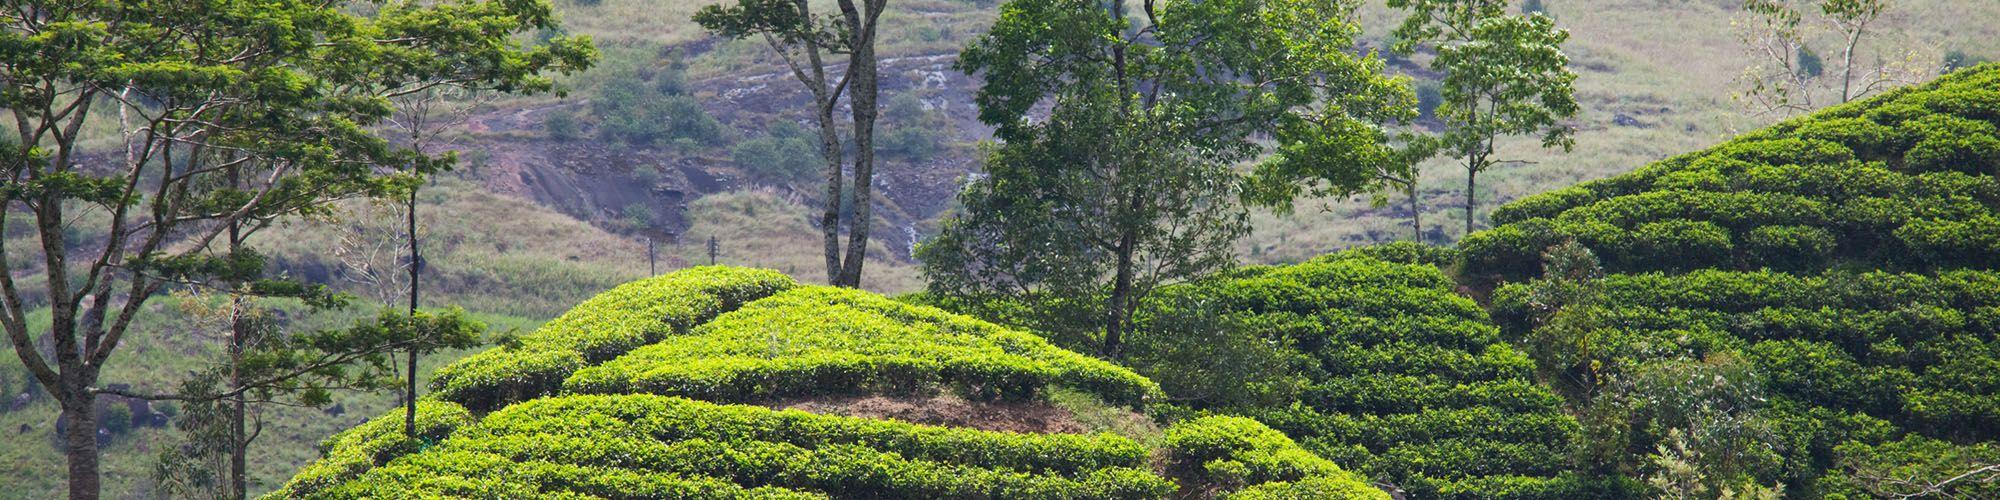 Sri Lanka, Teeplantagen, Aussicht